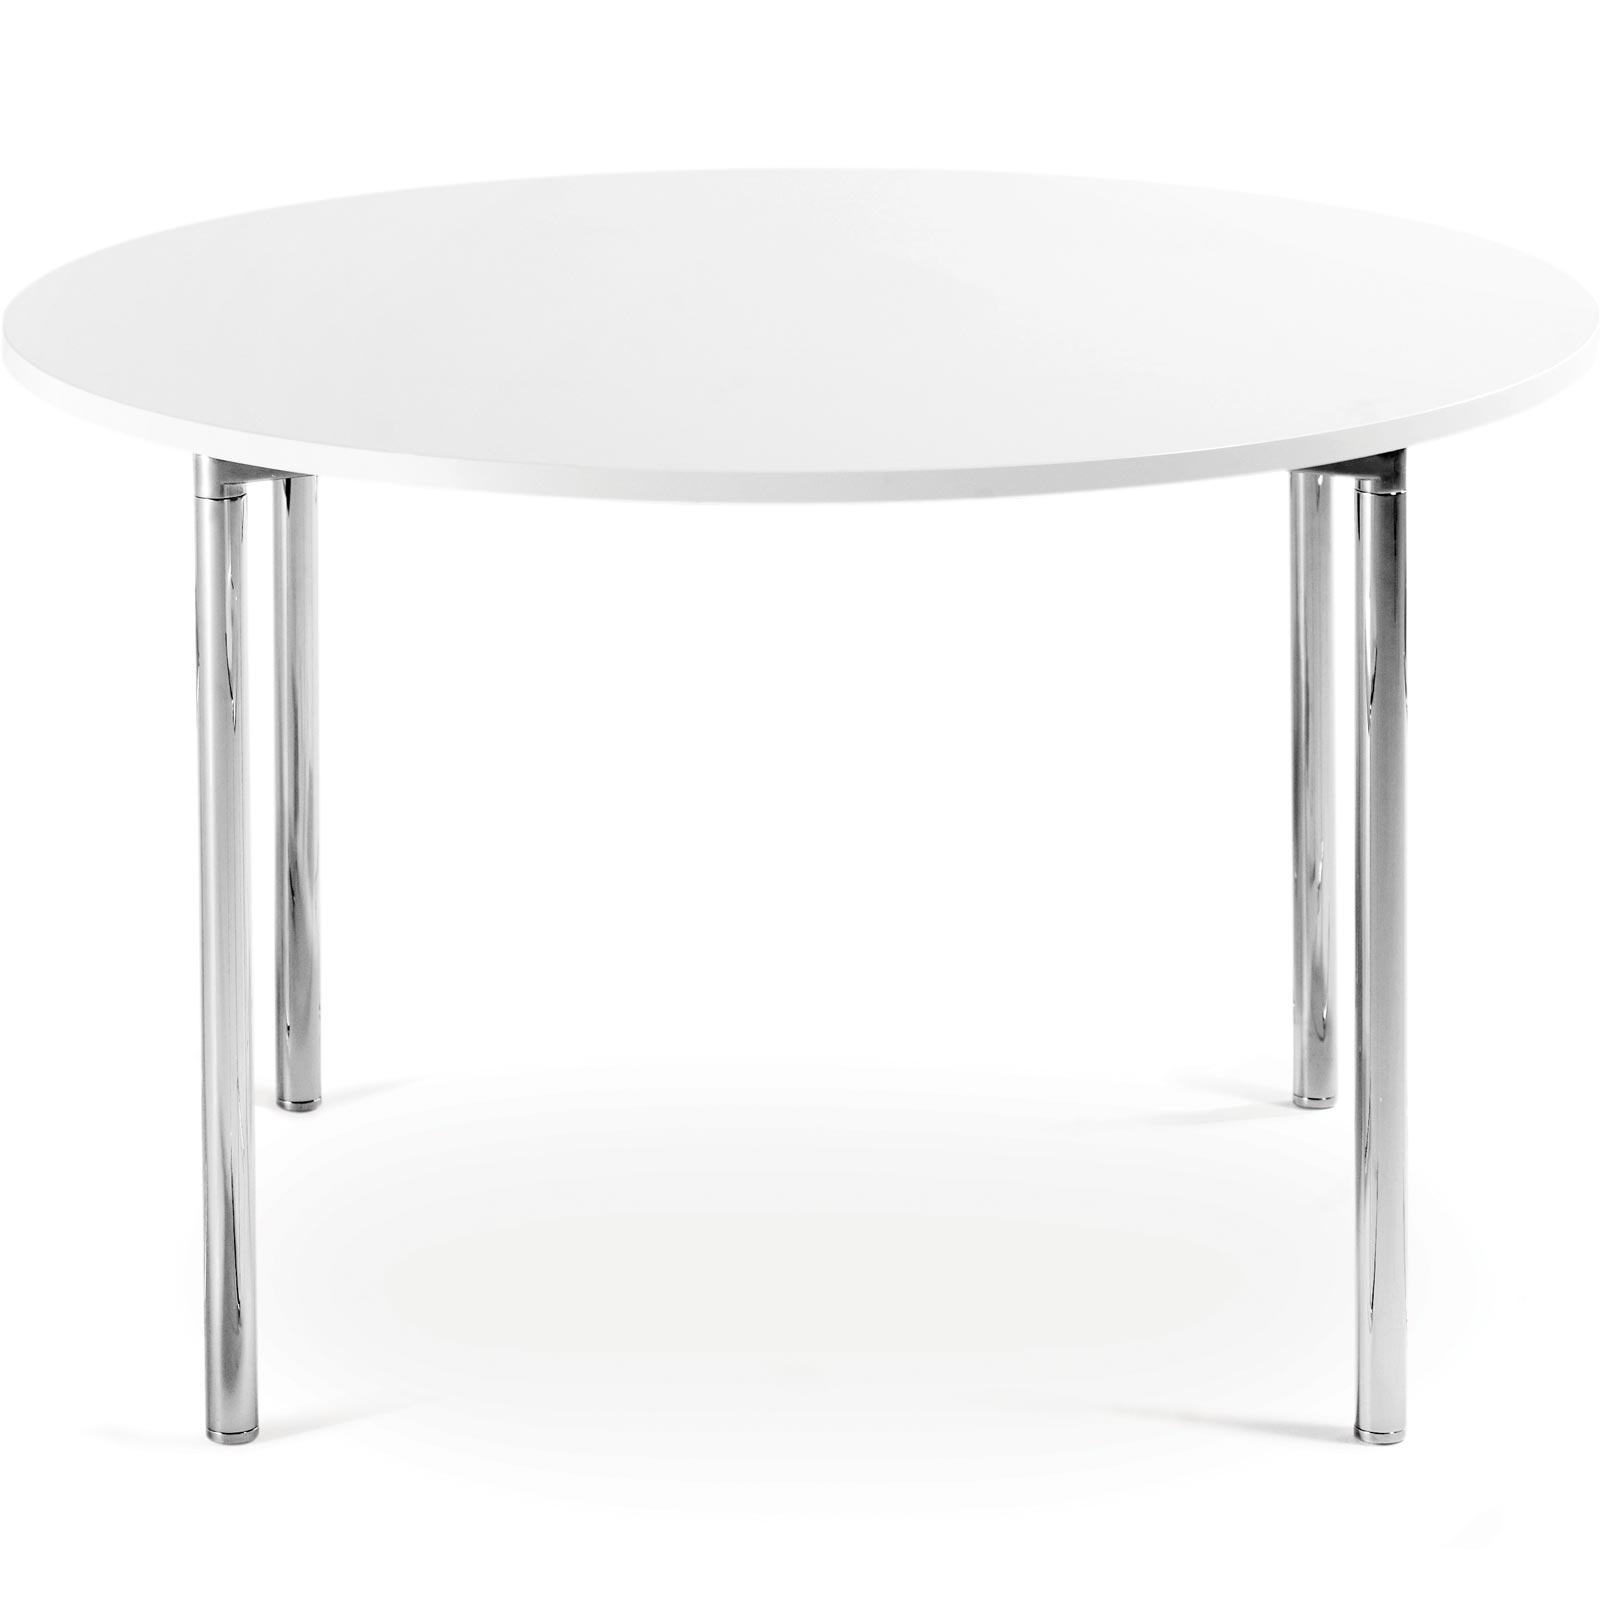 Tisch rund kernbuche venjakob m bel und heimat design for Tisch bild von ivy design